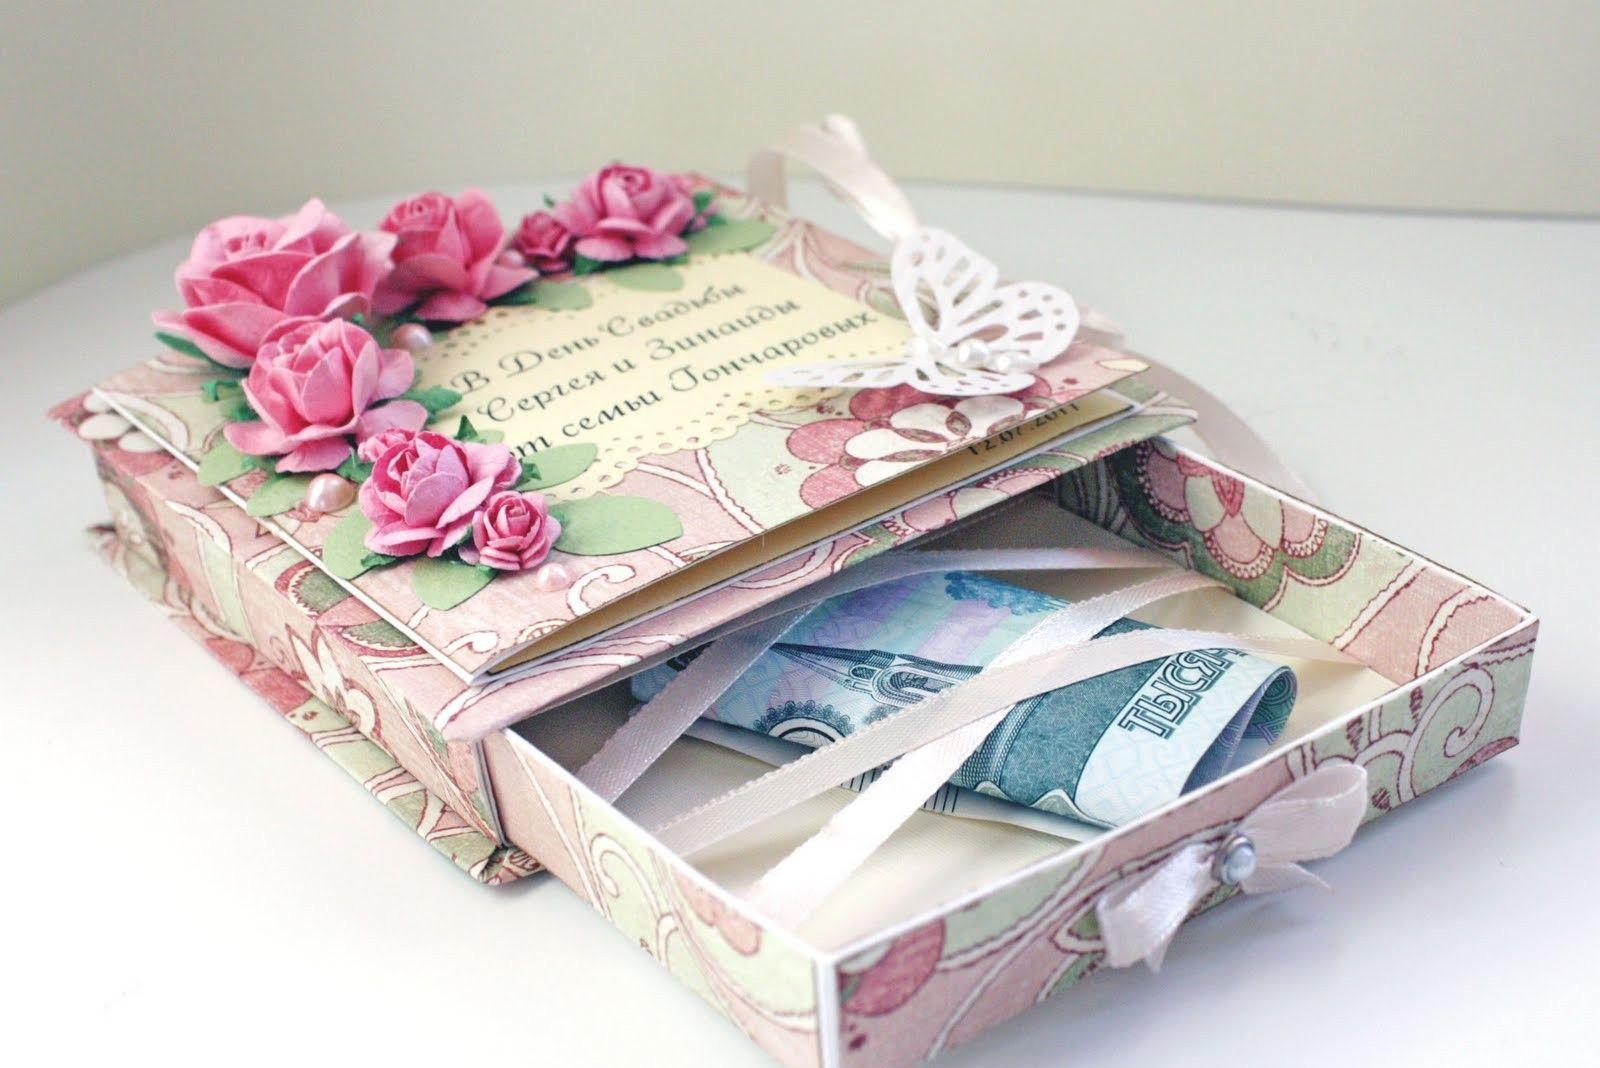 Мастер-класс по оформлению денег в подарок на свадьбу